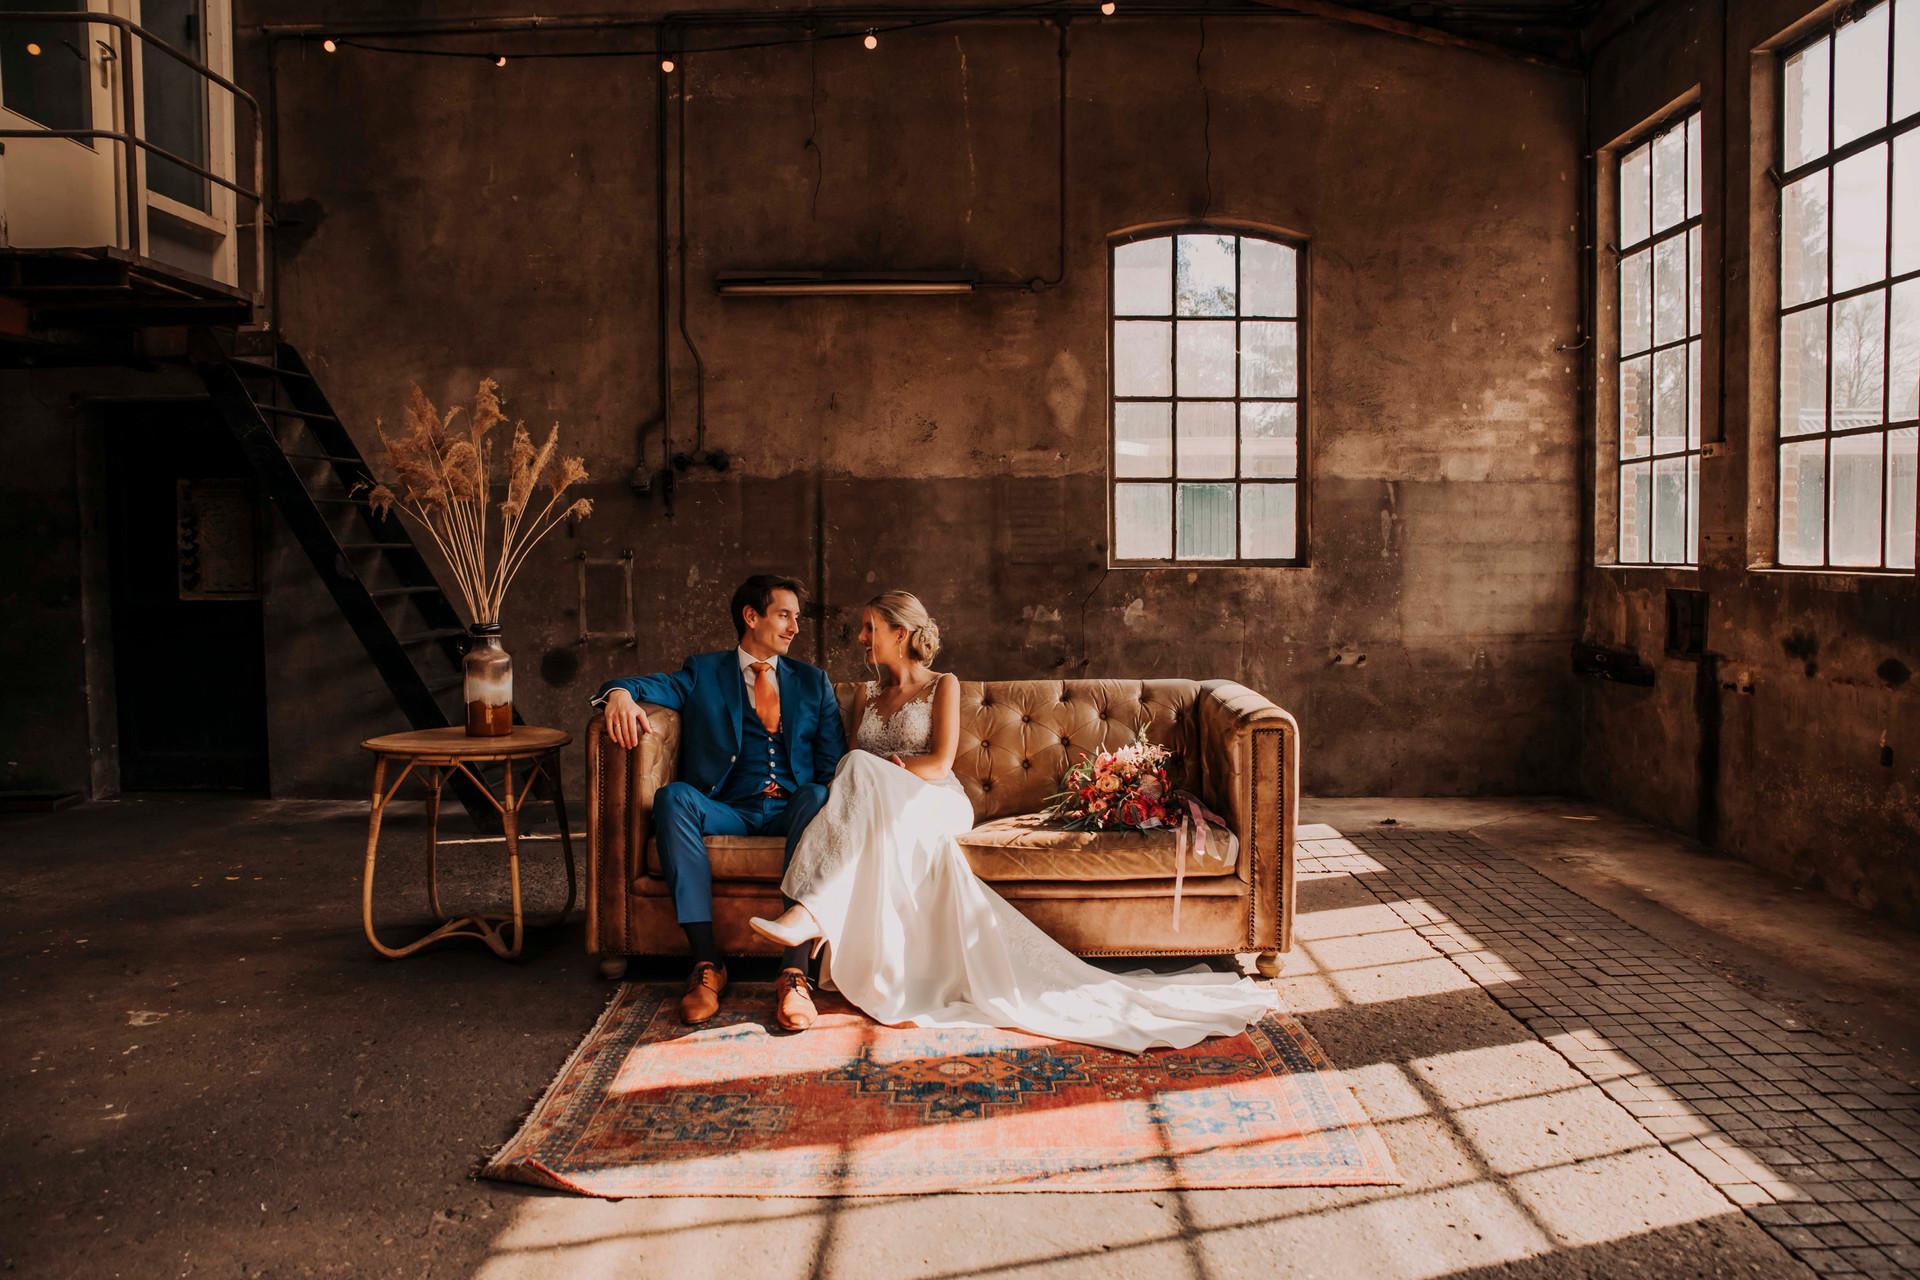 Dianne_baars_Fotografie_wedding_Joost_Wi